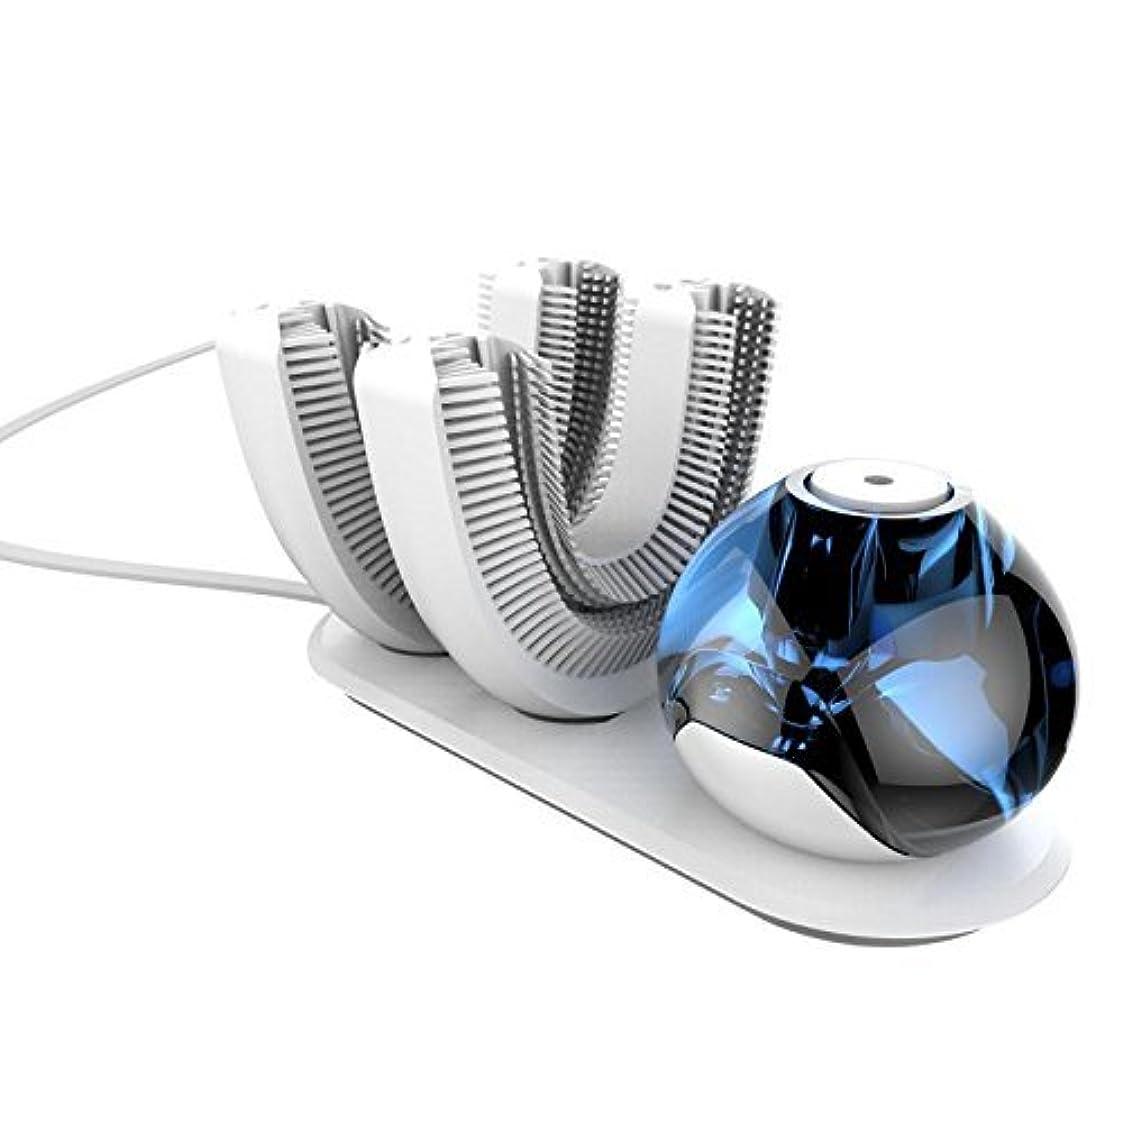 推進、動かす豆洪水怠け者牙刷-電動 U型 超音波 専門370°全方位 自動歯ブラシ ワイヤレス充電 成人 怠け者 ユニークなU字型のマウスピース わずか10秒で歯磨き 自動バブル 2本の歯ブラシヘッド付き あなたの手を解放 磁気吸引接続...